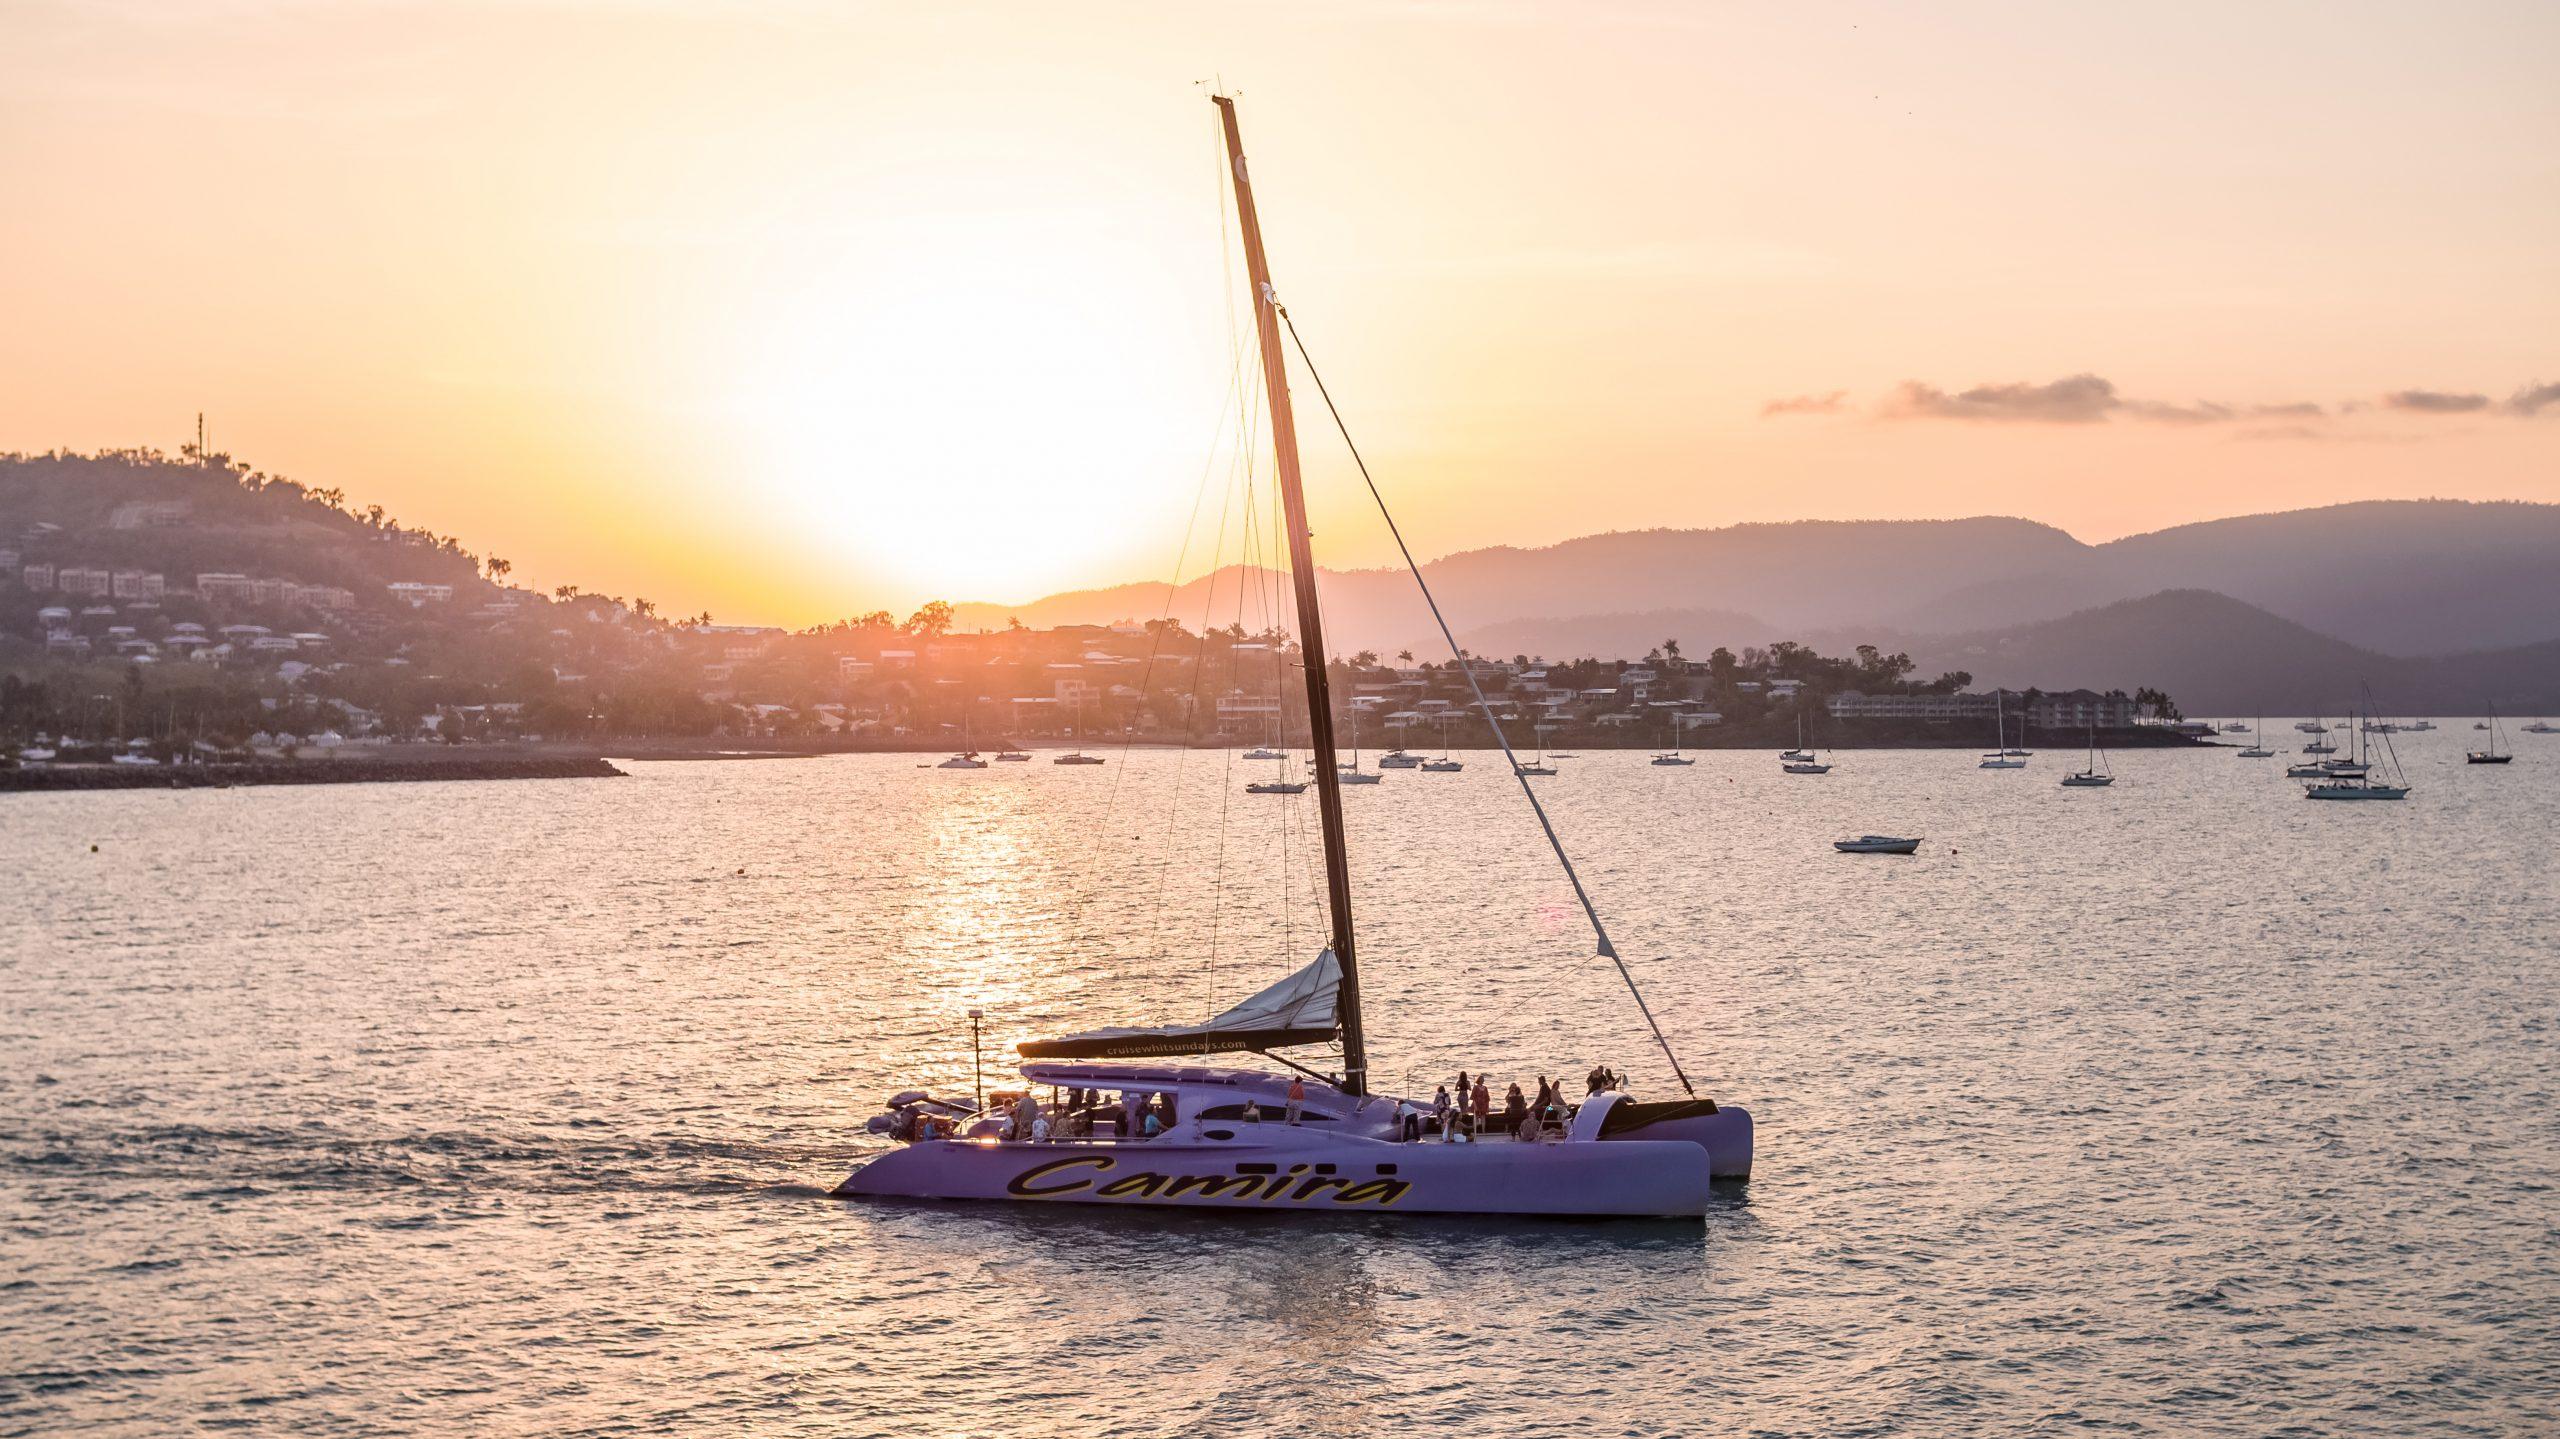 Firework Sunset Sail on Camira